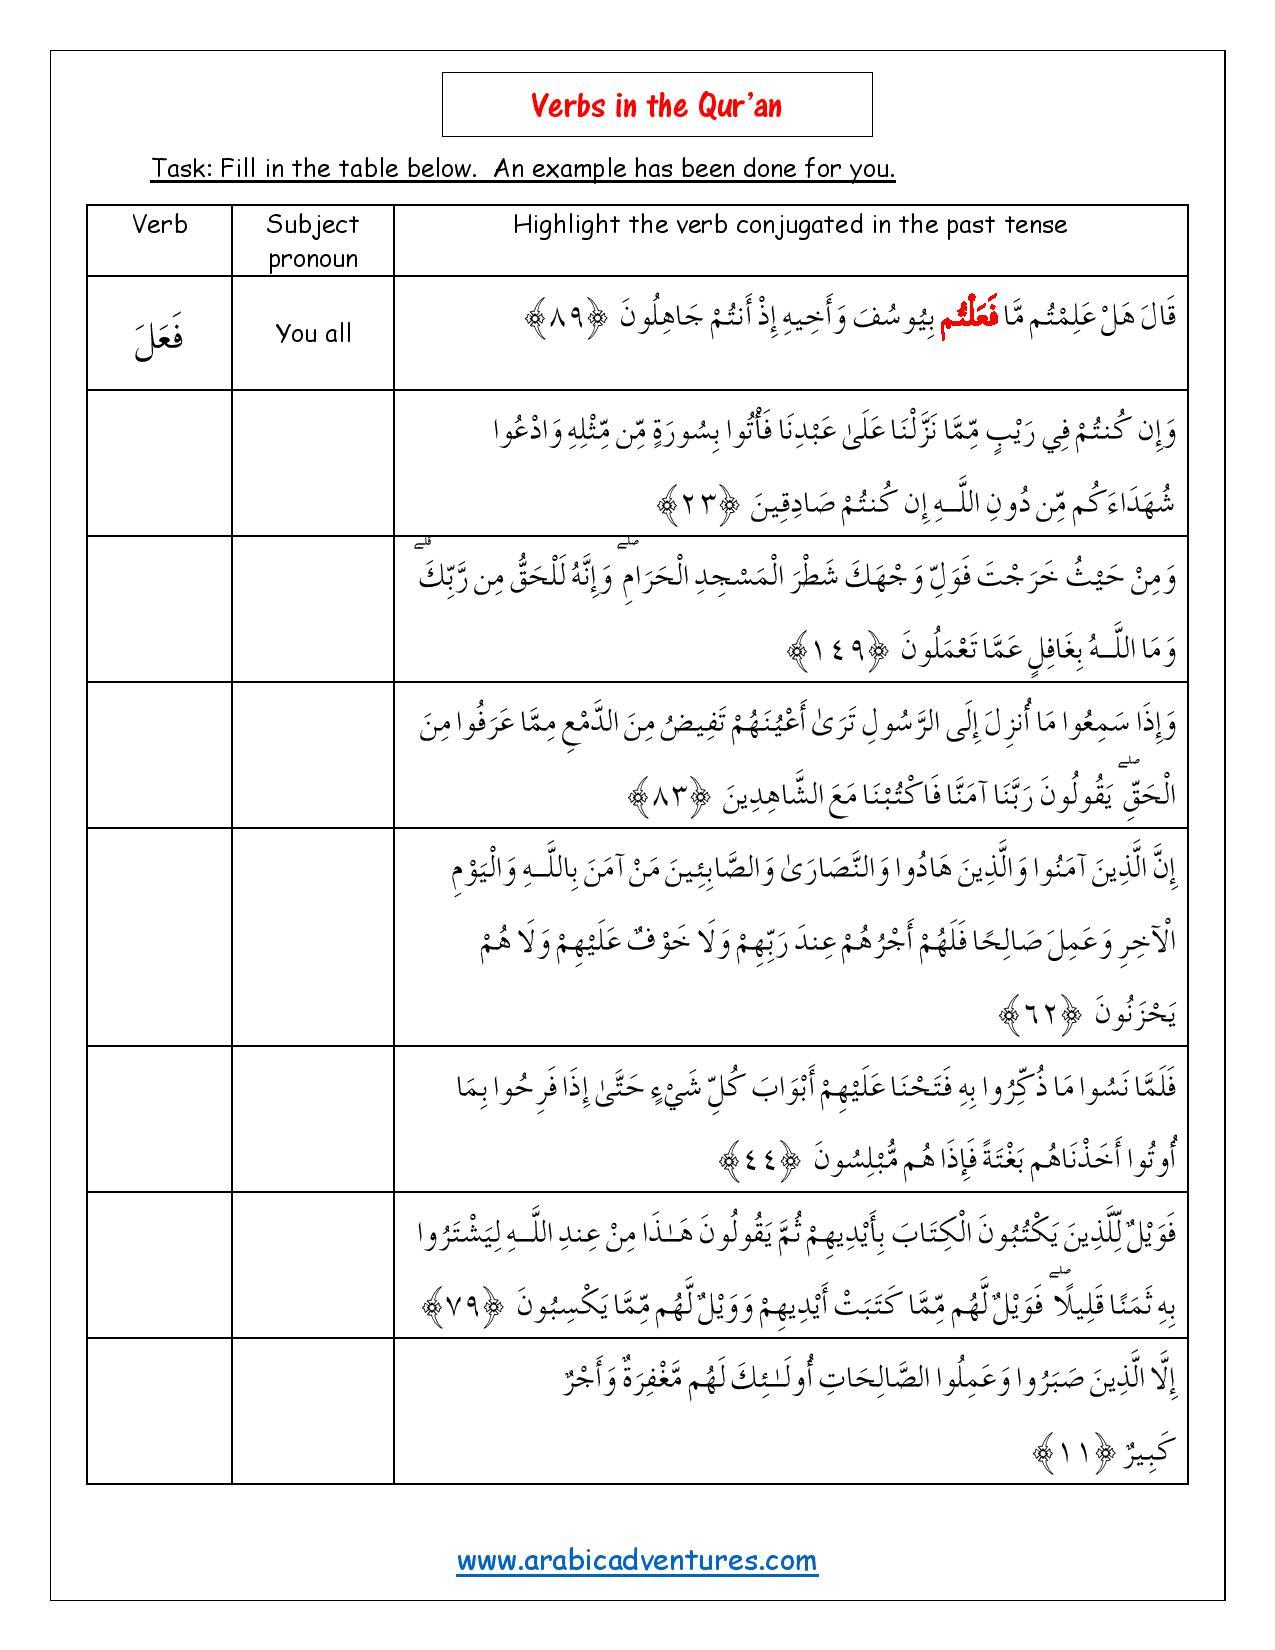 Arabic Verbs in the past tense – Identifying Verbs Worksheet